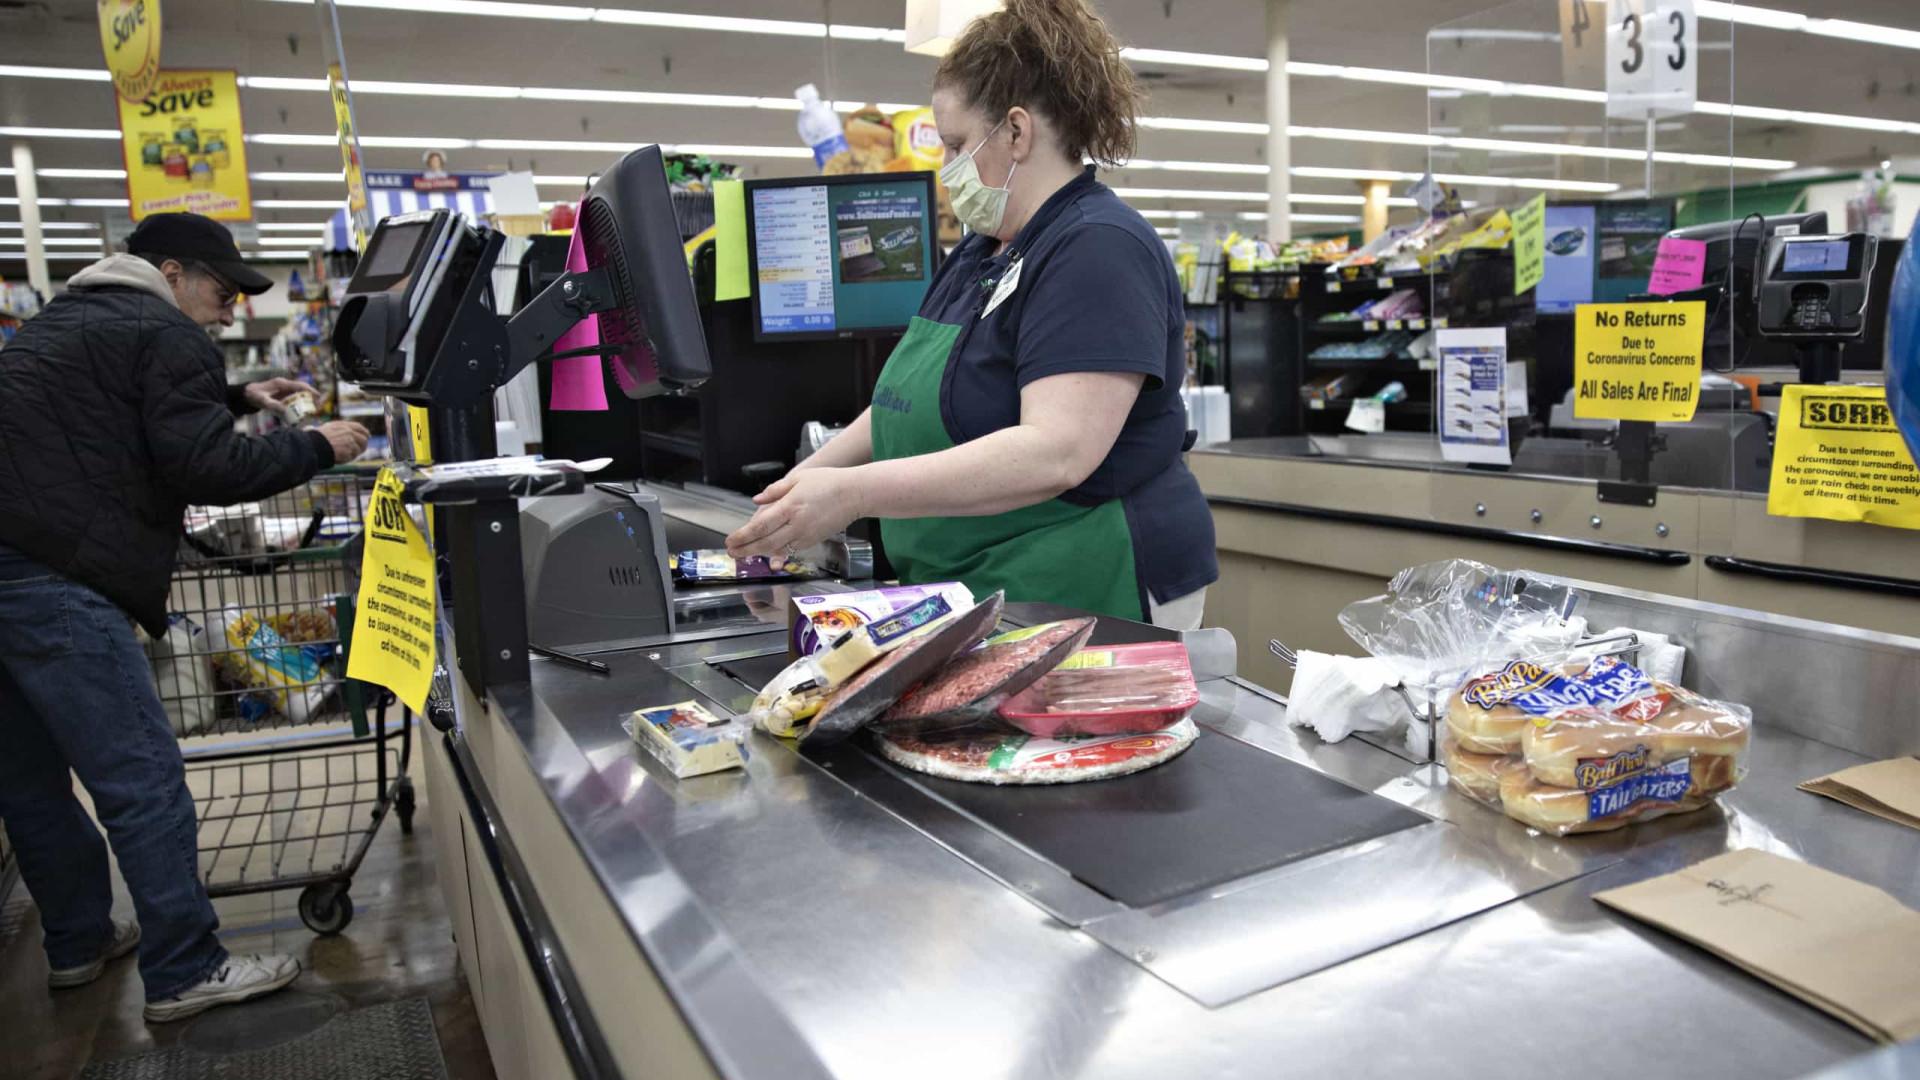 Caixa de supermercado é morta após discussão sobre uso de máscara